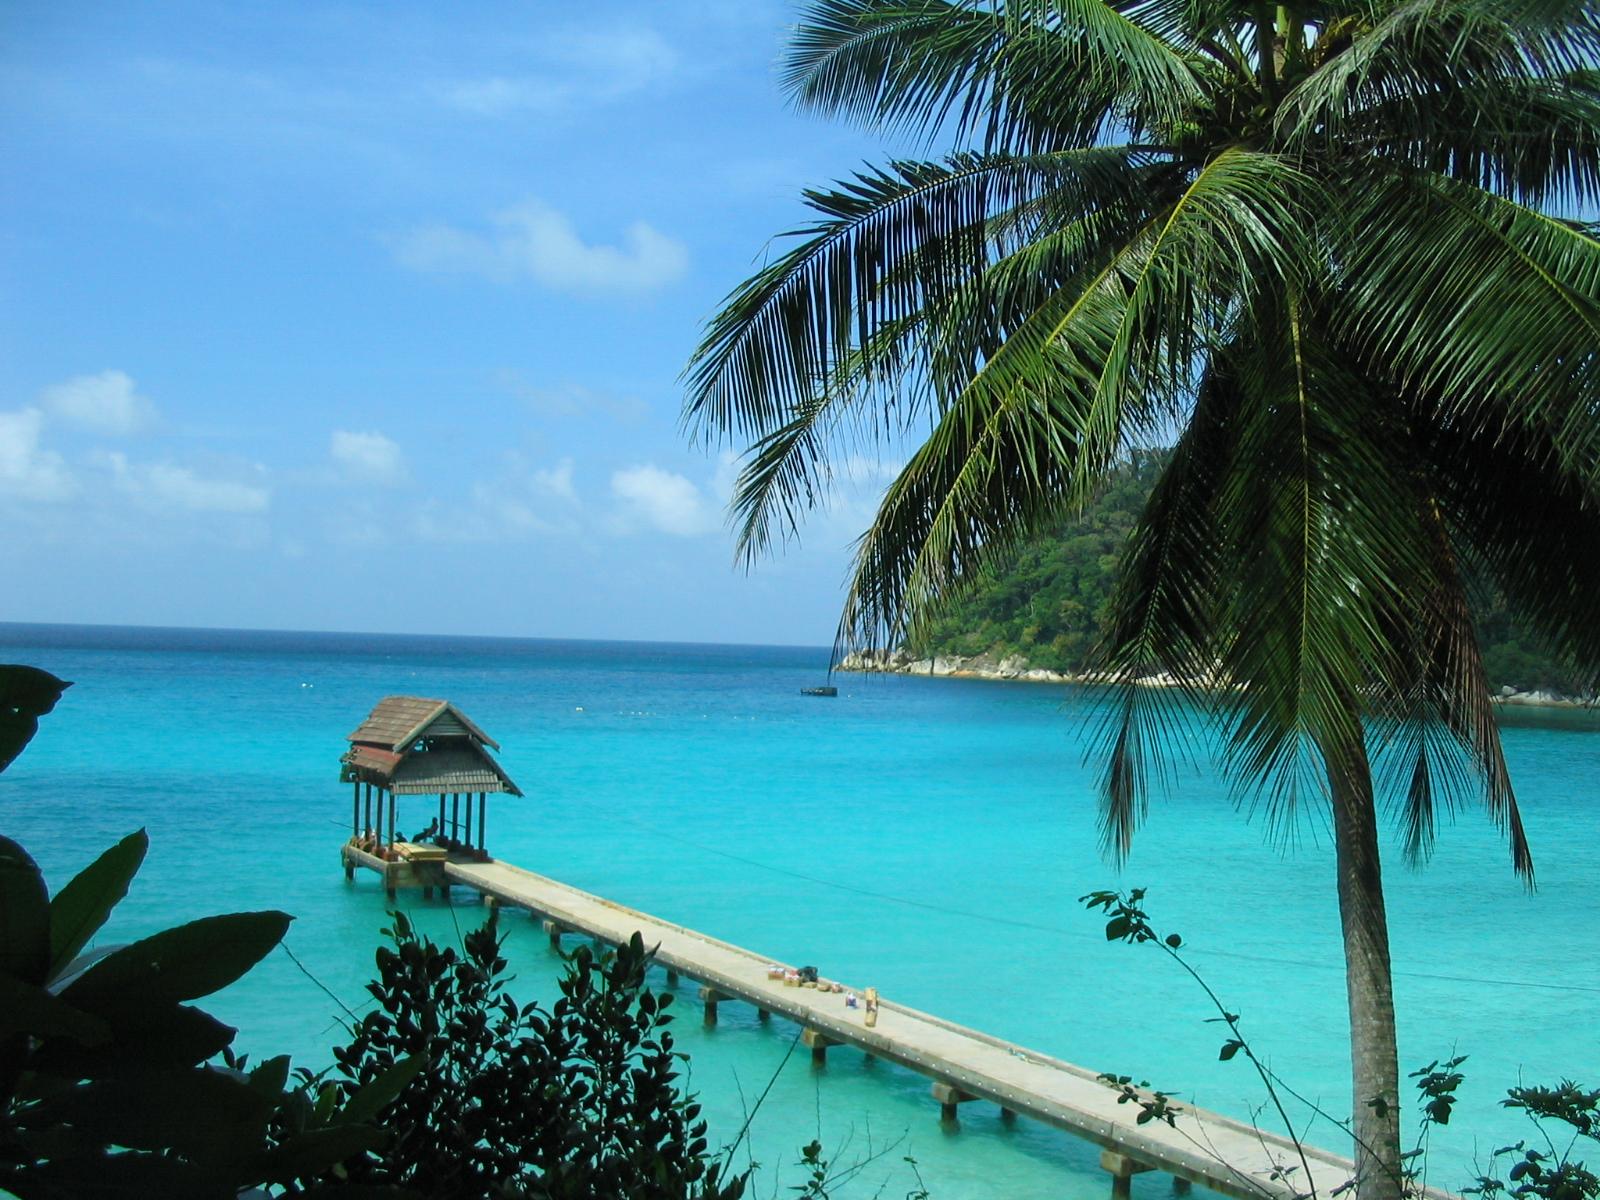 куала лумпур пляжи фото патинированию